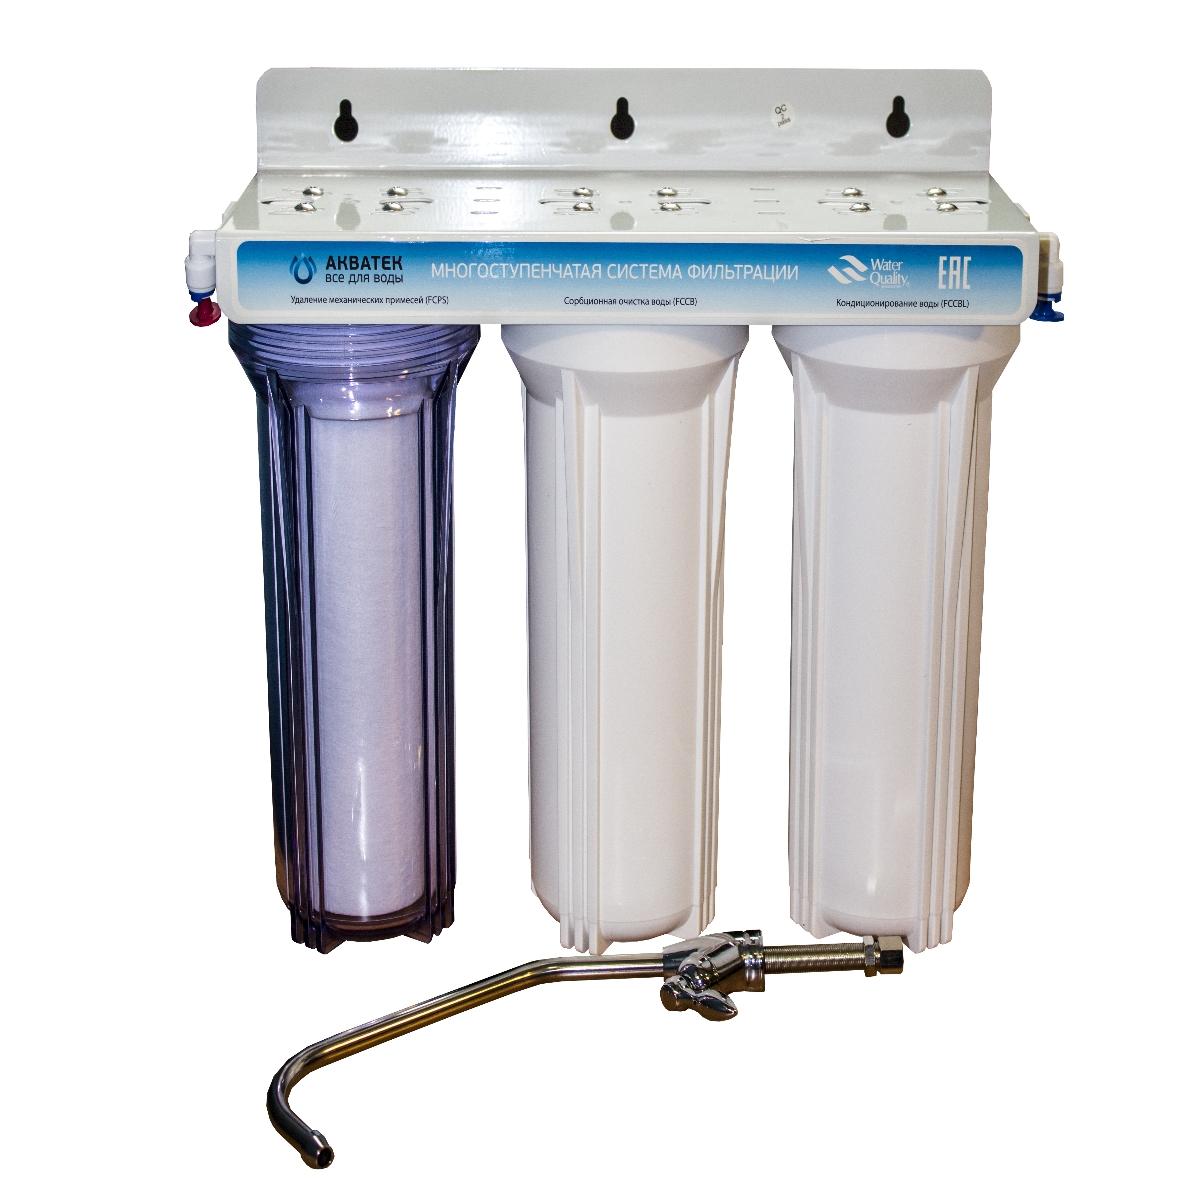 Топливный фильтр сузуки эскудо фото омбре поможет